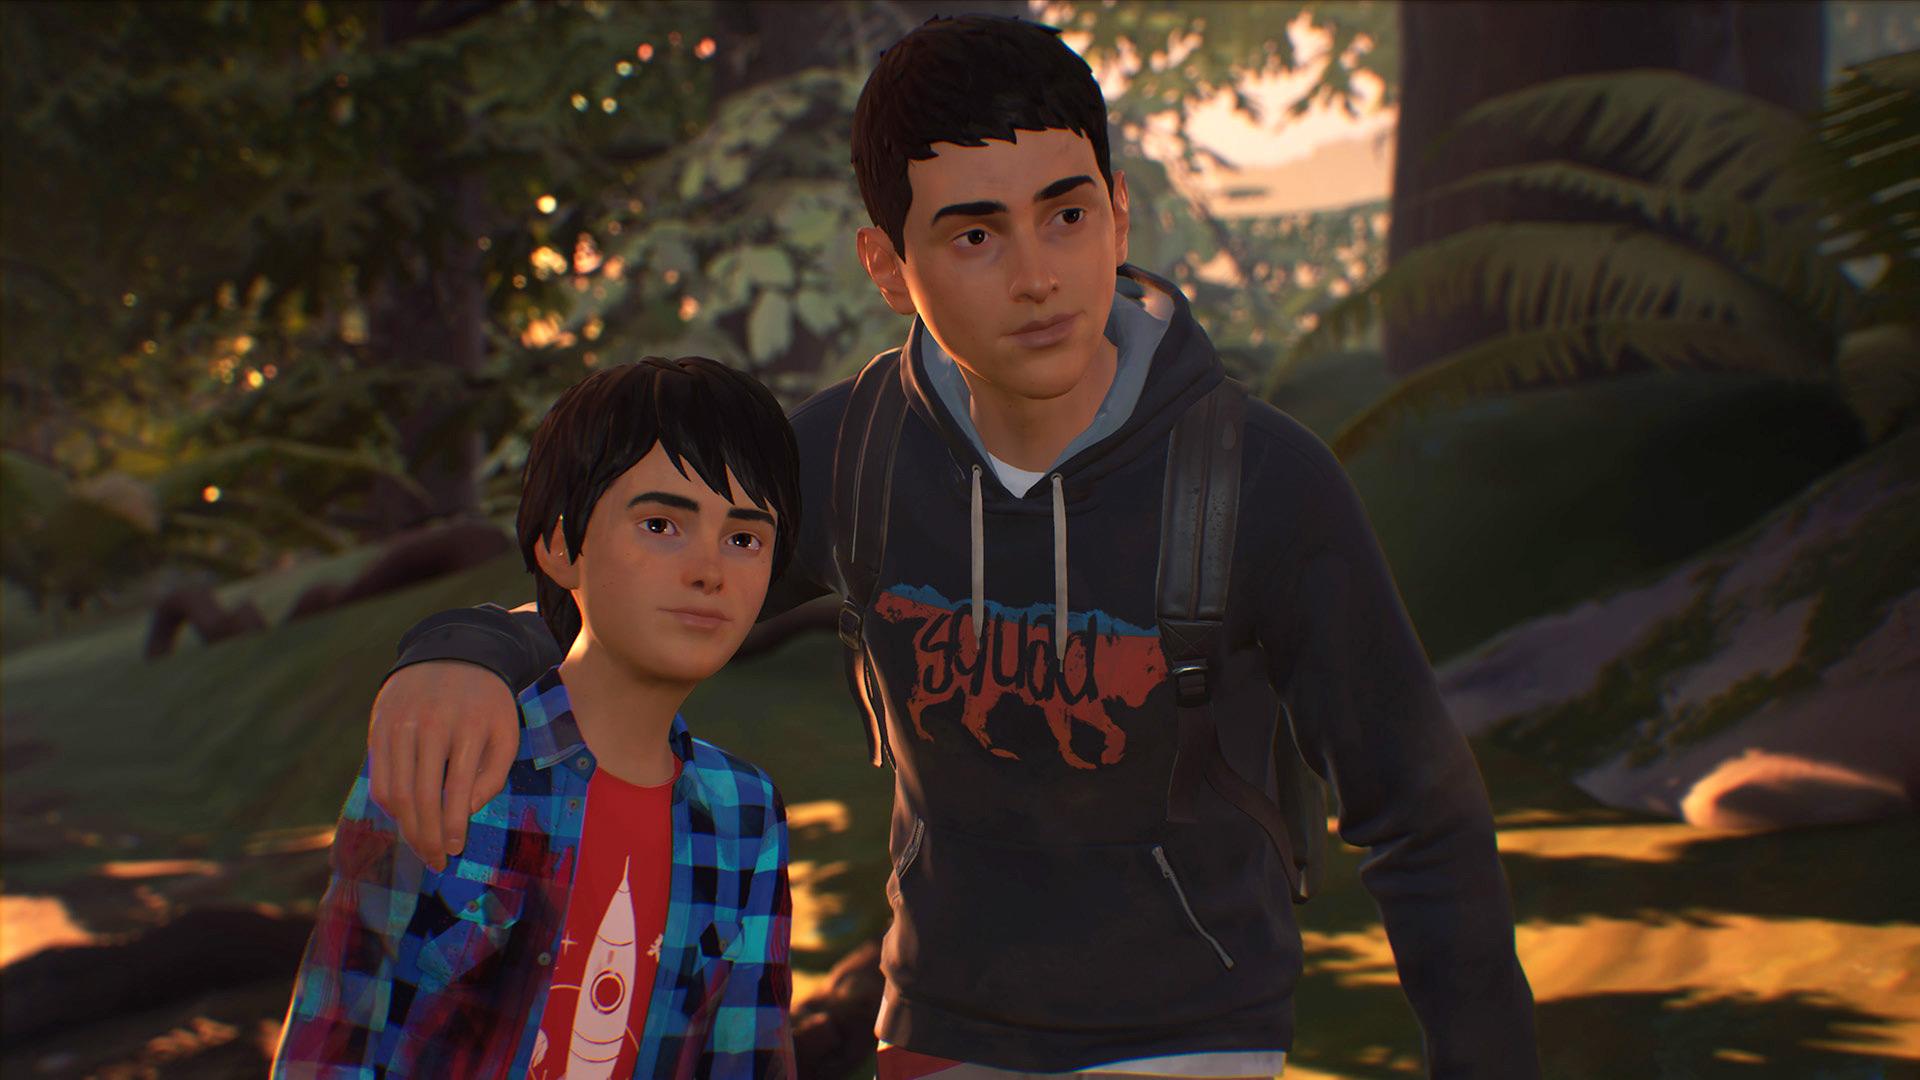 Stattdessen rückt ein brüderliches Gespann in den Vordergrund: Sean und sein kleiner Bruder Daniel flüchten aus ihrer Heimatstadt nach Mexiko.